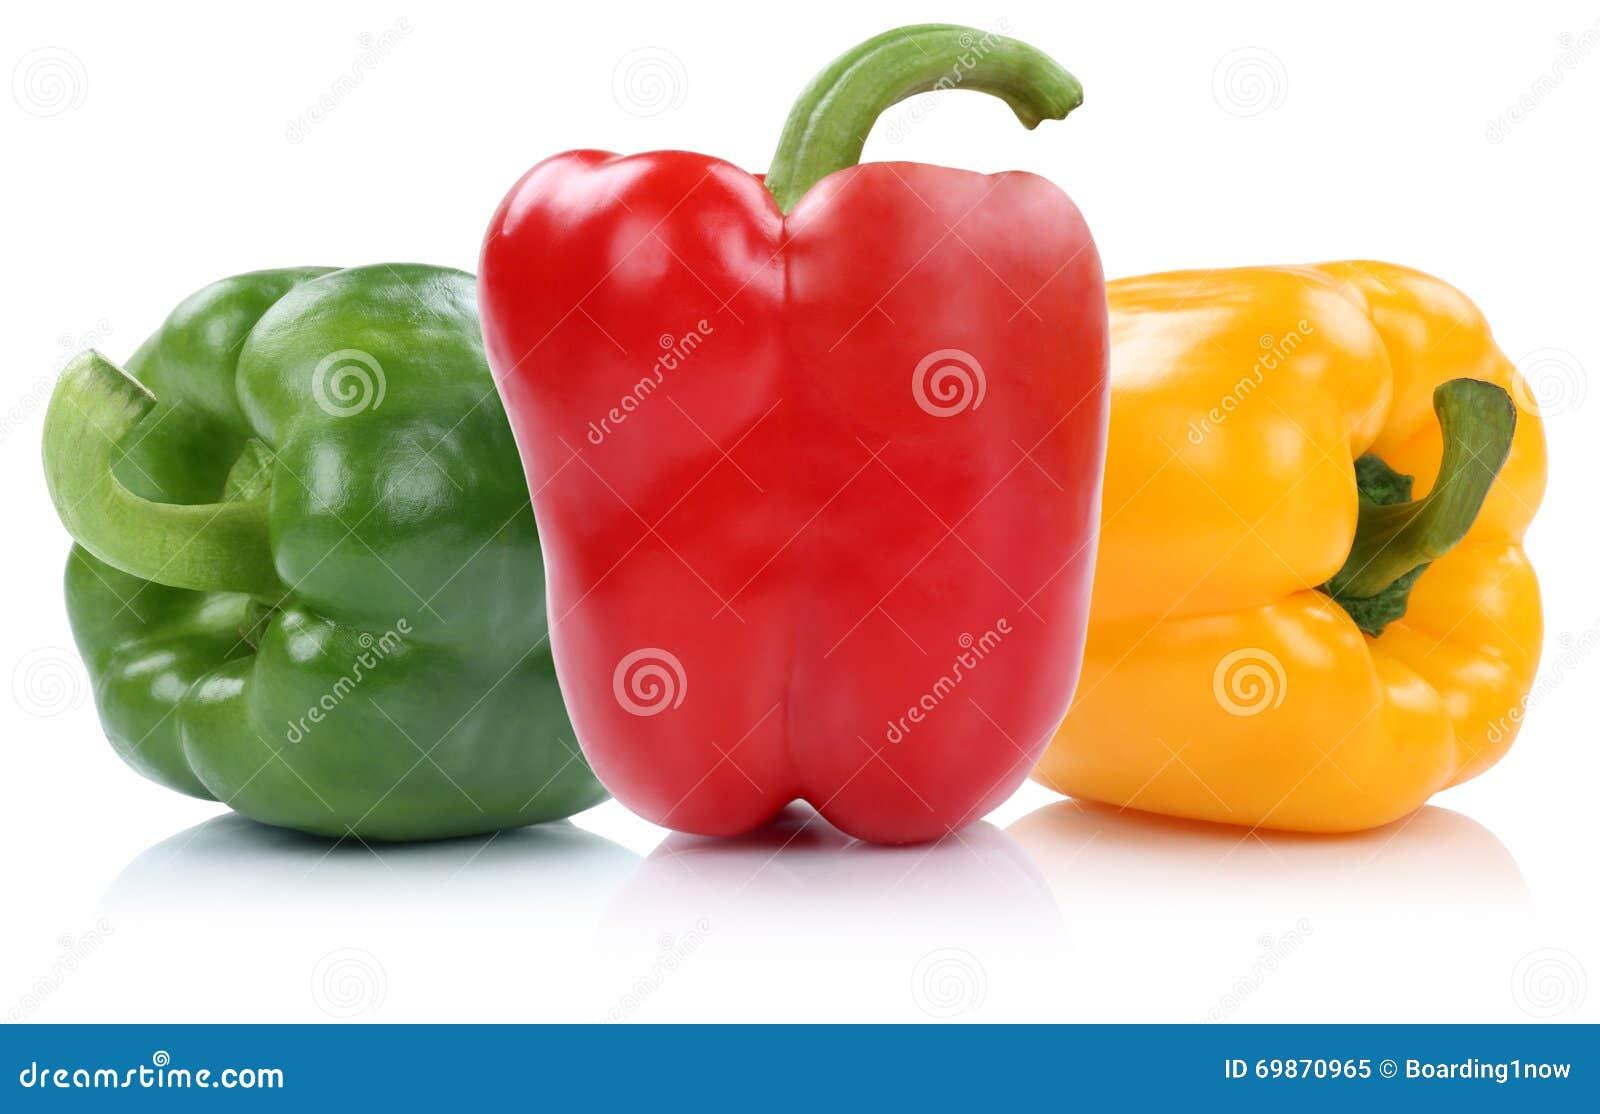 红色黄绿色甜椒以子弹密击菜辣椒粉的辣椒粉